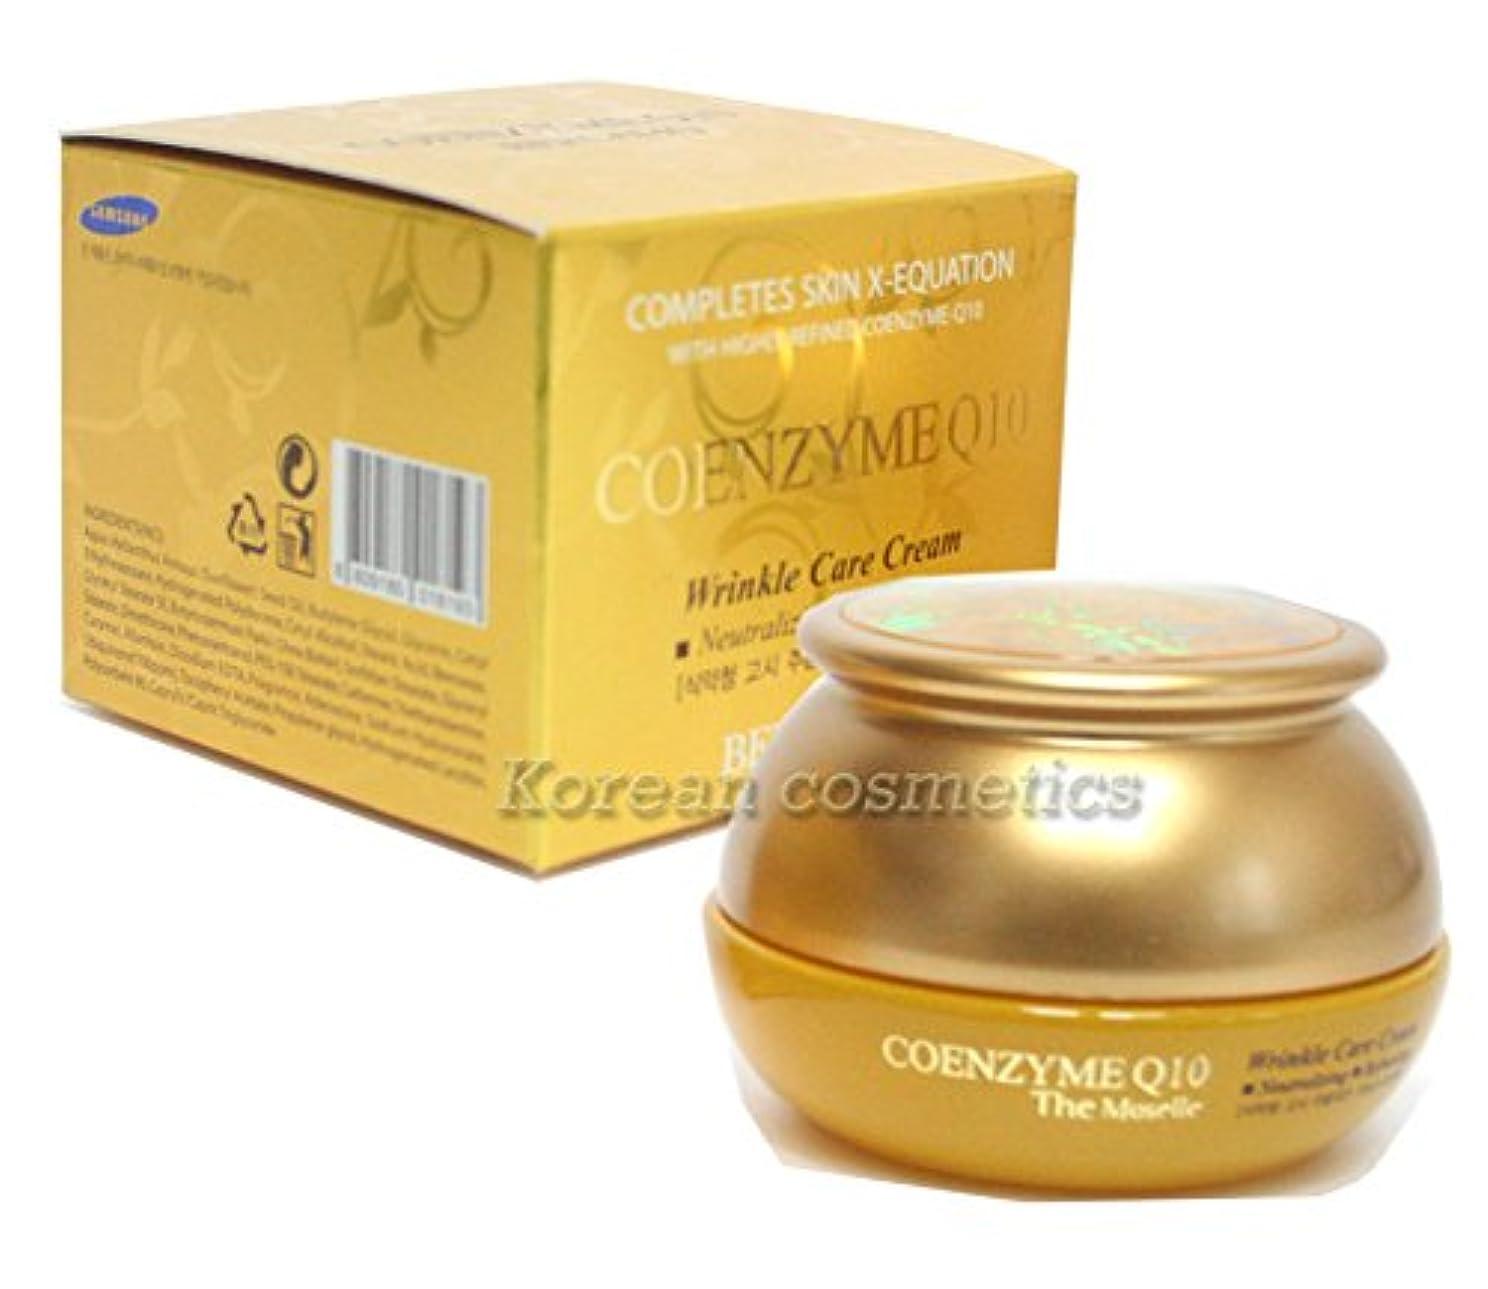 ジャーナル重要な即席【ベルガモ][Bergamo] モーゼルコエンザイムQ10クリーム50g / the Moselle Coenzyme Q10 Cream 50g / リンクルケア、弾力性 / Wrinkle Care,elasticity...